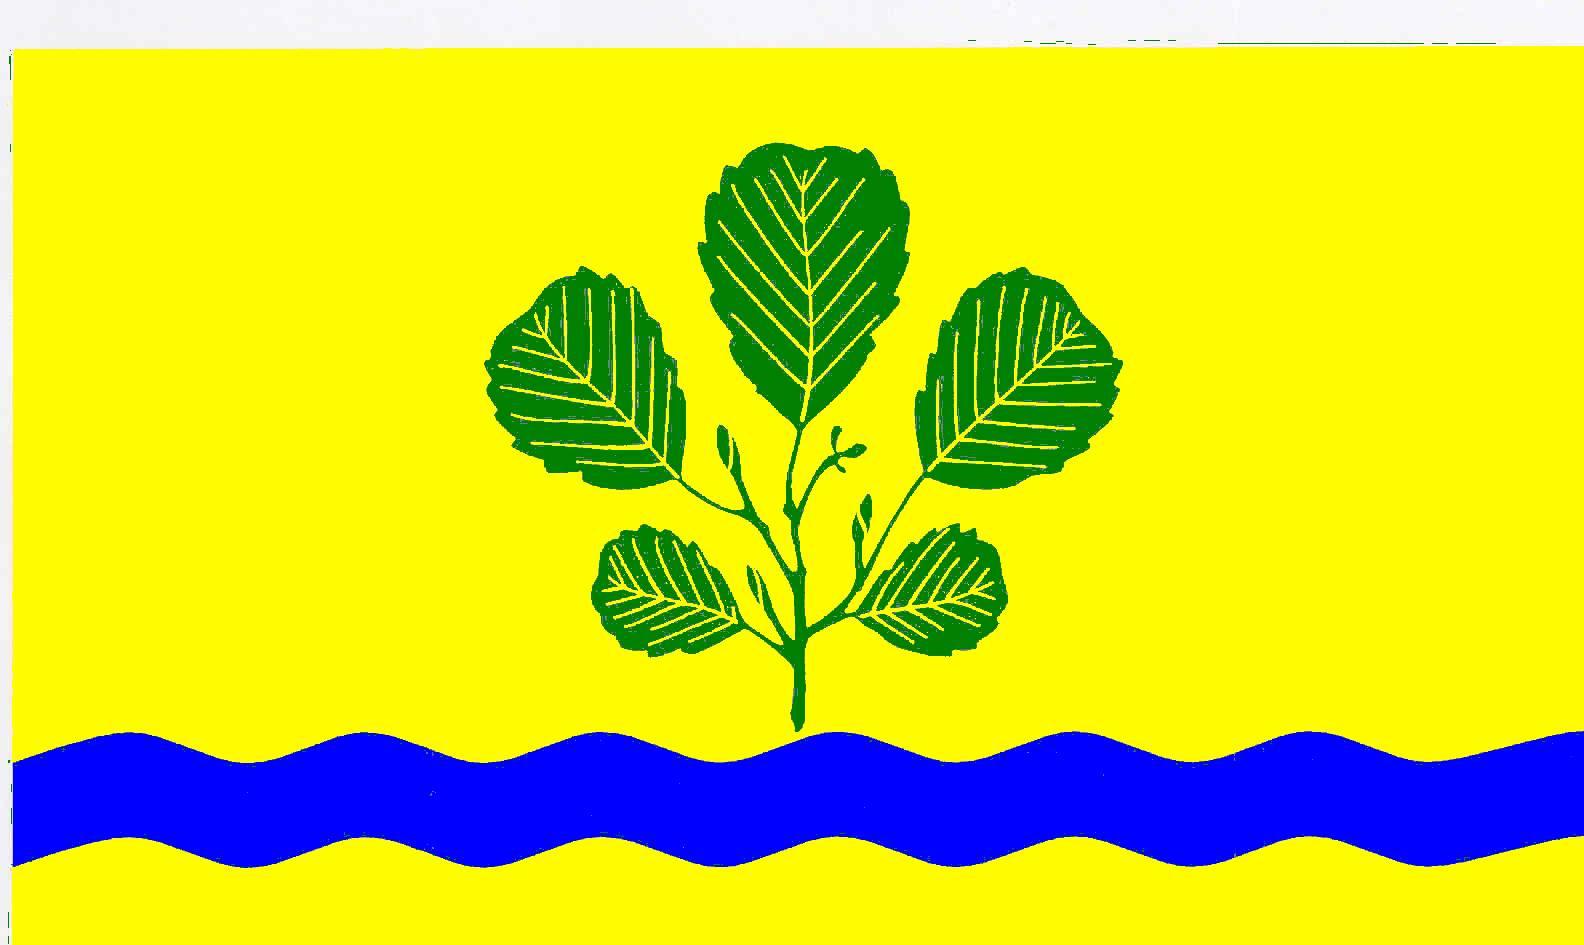 Flagge GemeindeEllerbek, Kreis Pinneberg